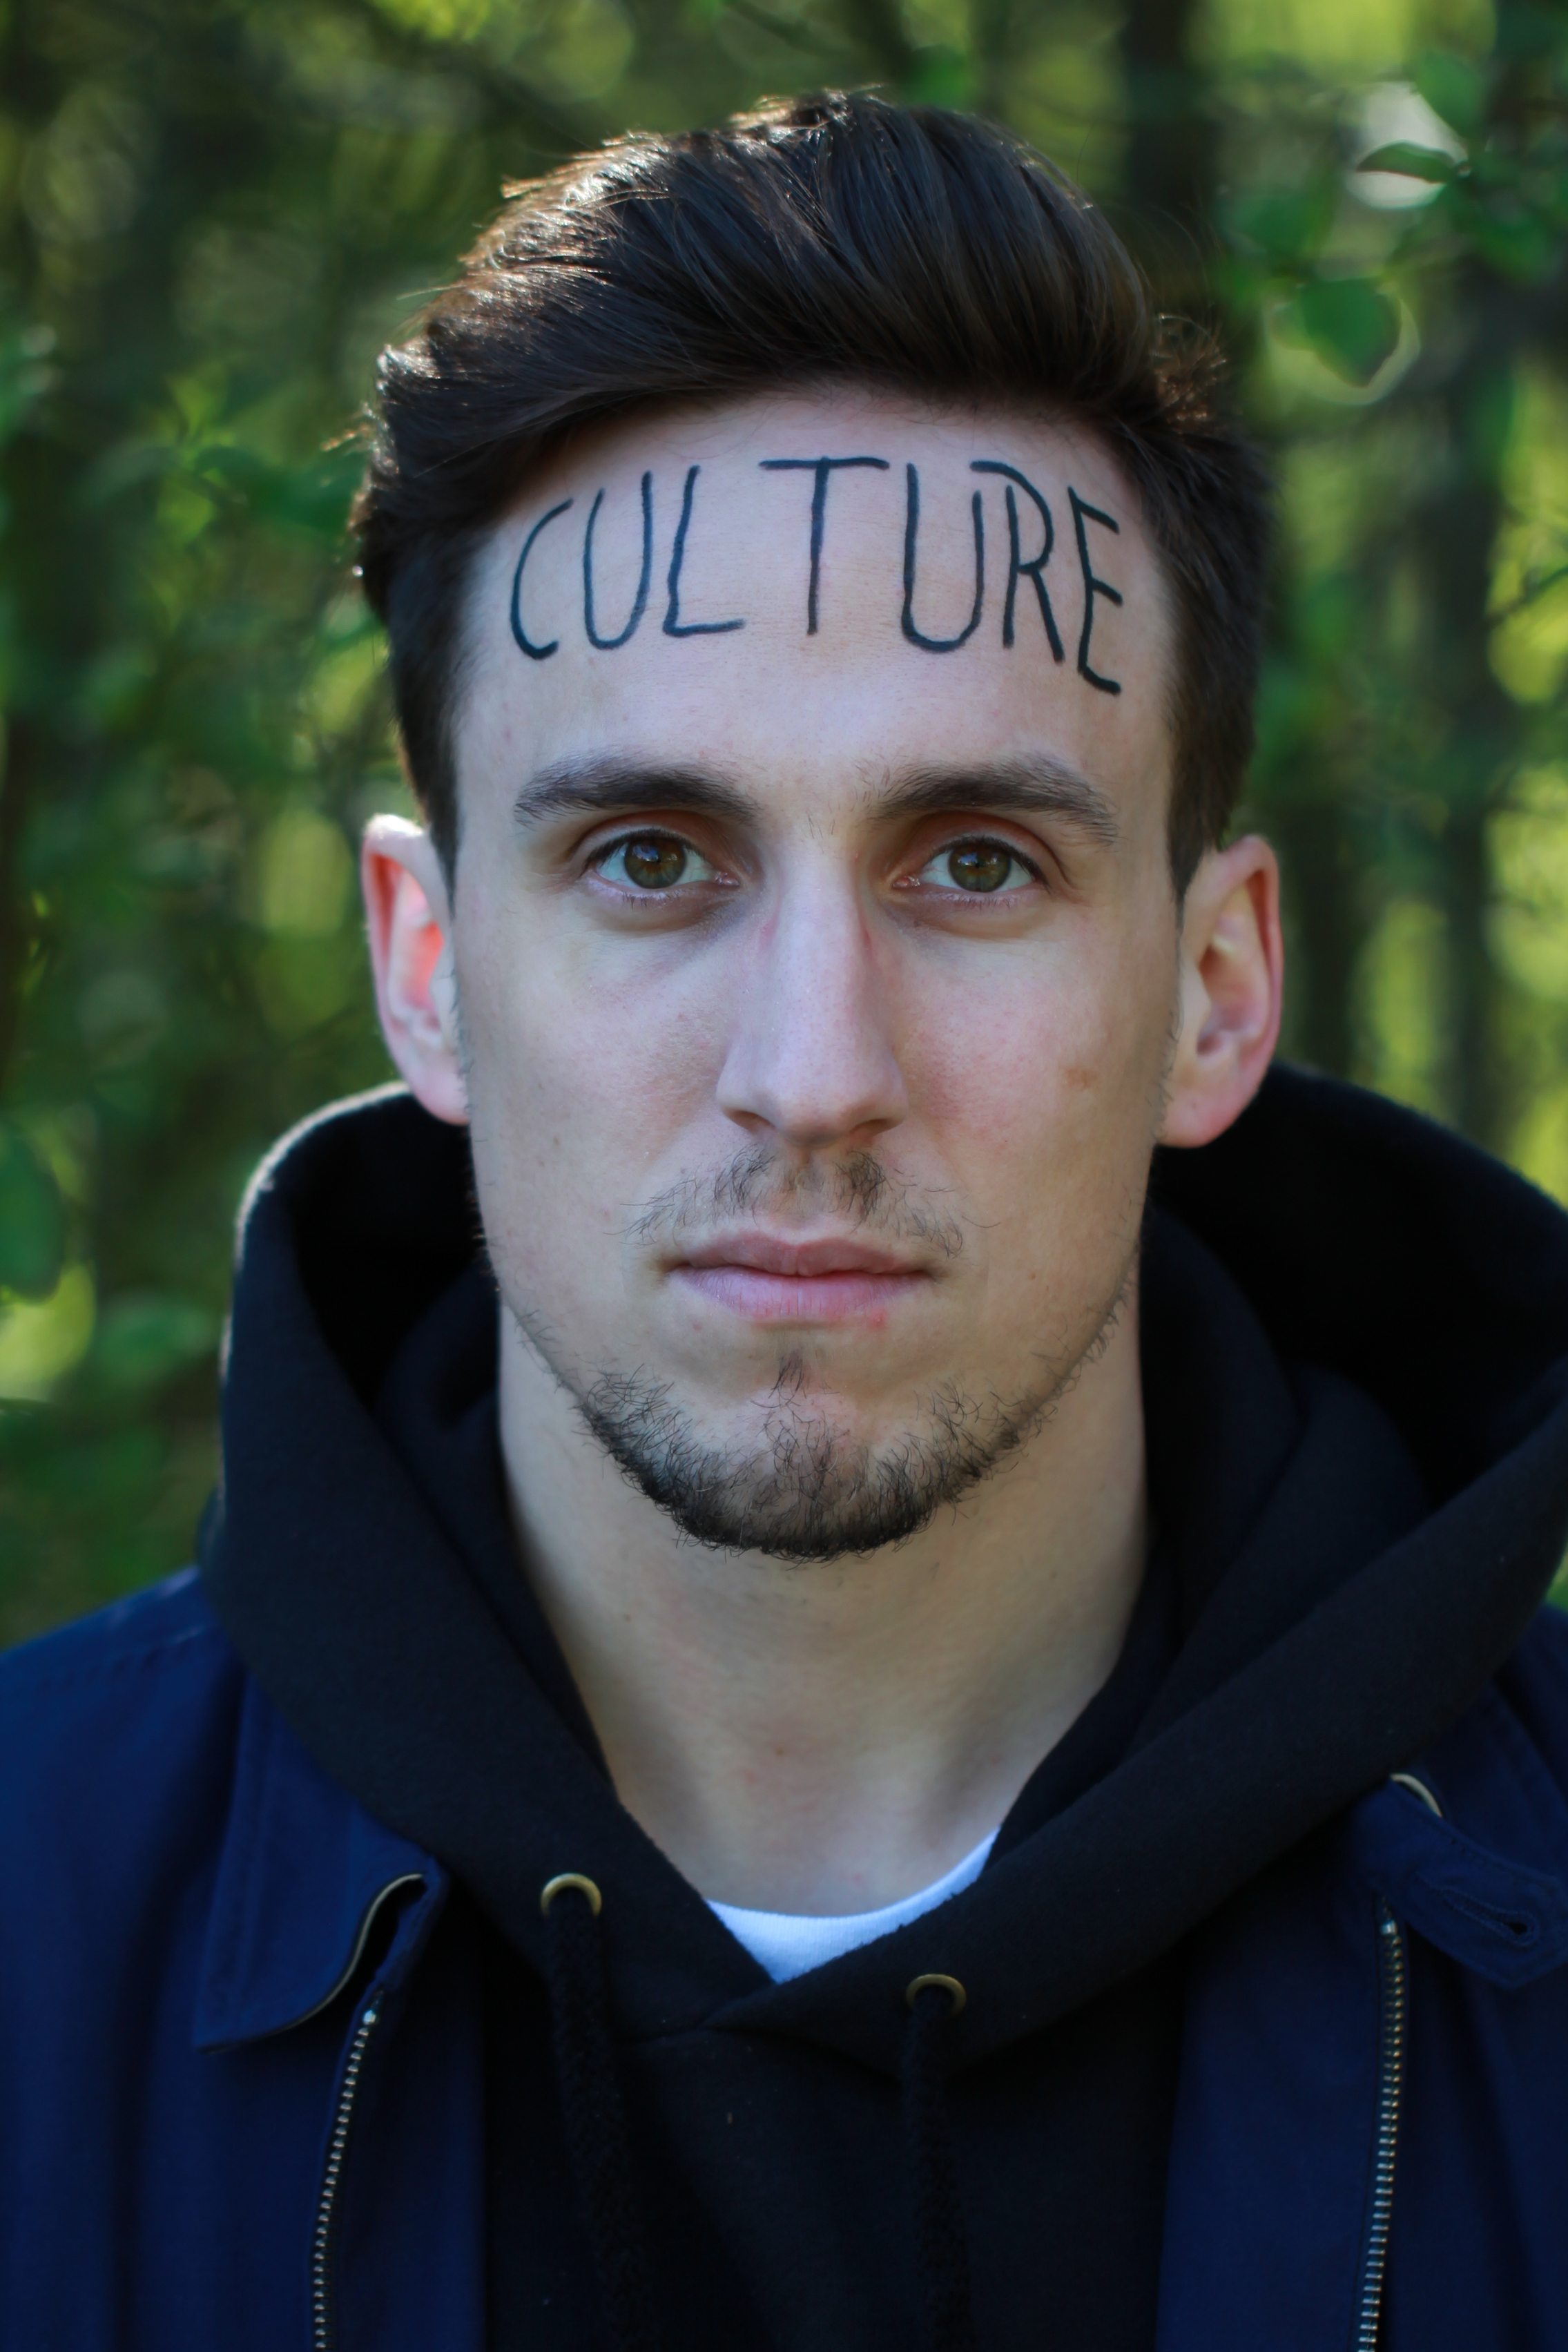 Yoann Provenzanno - Humoriste SuisseJ'ai choisi d'écrire CULTURE sur mon front pour plusieurs raisons. Tout d'abord j'ai pas mis un mot trop long autrement ça aurait vraiment montré que j'ai un front démesuré et ce n'est pas le but de l'exercice.J'ai choisi CULTURE, parce que c'est au centre de l'humanité. La culture, c'est le fruit du sol. La culture, c'est le fruit de l'intellect. La culture, c'est le fruit des interactions entre les gens. Avec de la culture, on peut partager de la nourriture, on peut partager des informations, on peut partager des valeurs et rien que ça, c'est la recette pour pouvoir interagir avec le monde entier.Pas de culture évoque une famine, une pauvreté d'esprit, une non-appartenance à un groupe, mais si l'on se partage cette (ces) culture(s), on peut remédier à beaucoup de soucis.Aujourd'hui, le terme culture est plus que jamais au centre des préoccupations, avec des personnes migrantes qui arrivent dans un endroit qui n'a pas la même culture qu'eux. Avec des pseudo-terroristes qui n'ont pas la même culture de la liberté d'expression, de la religion que personne. Avec des gens qui ne peuvent pas faire de culture, ne serait-ce que pour manger.La culture c'est important, parce que c'est en la partageant, que l'on peut peut-être résoudre beaucoup de problèmes, d'ailleurs tiens, je te donne 10 cultures (ça veut rien dire). Et finalement, c'est pas parce qu'on cultive pas la même chose, qu'on ne peut pas se nourrir et apprendre de celle des autres.Oulàh. J'ai été beaucoup trop sérieux, tiens, j'ai pété.